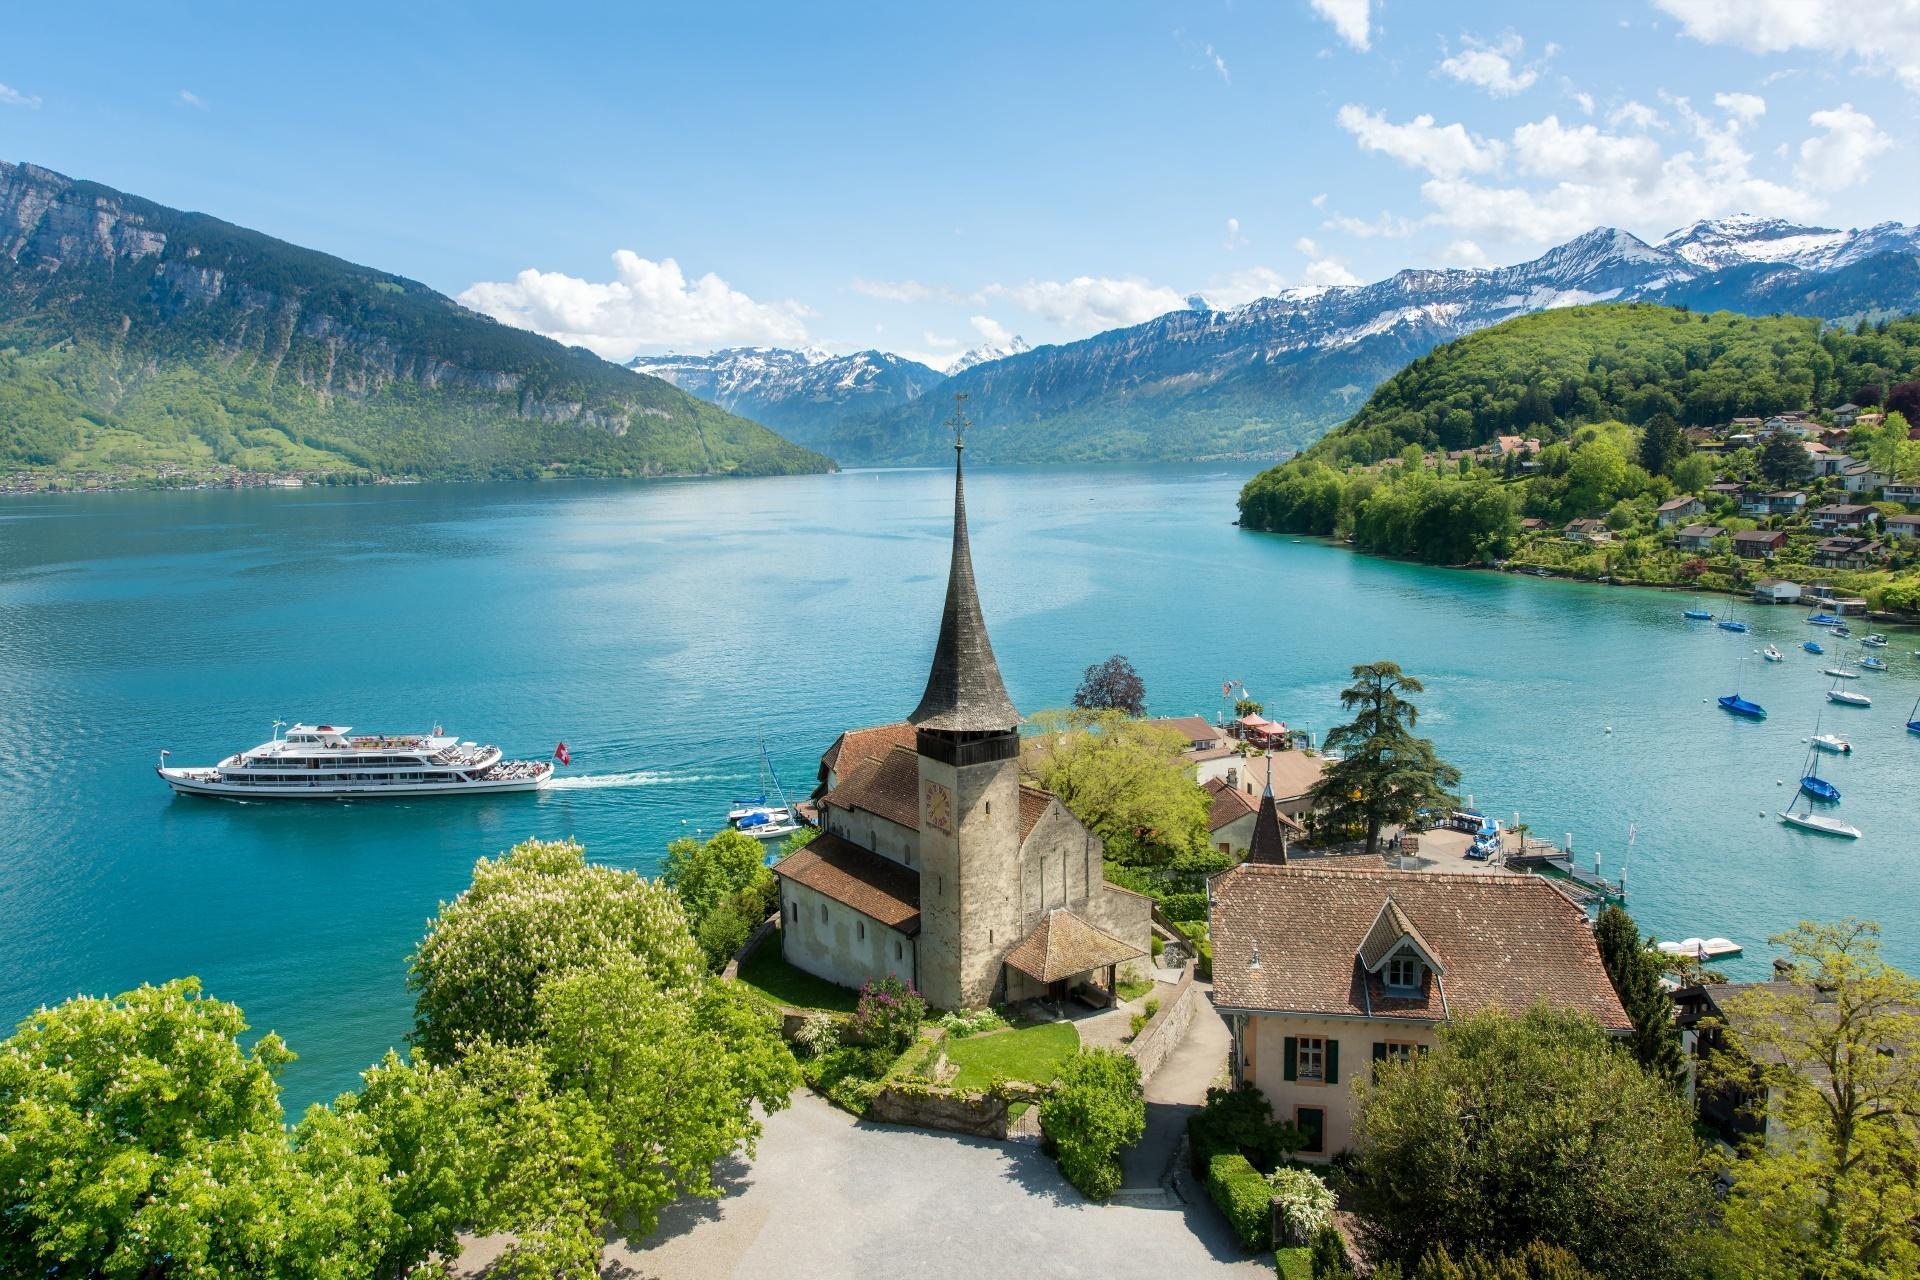 トゥーン湖とシュピーツ城 スイスの風景